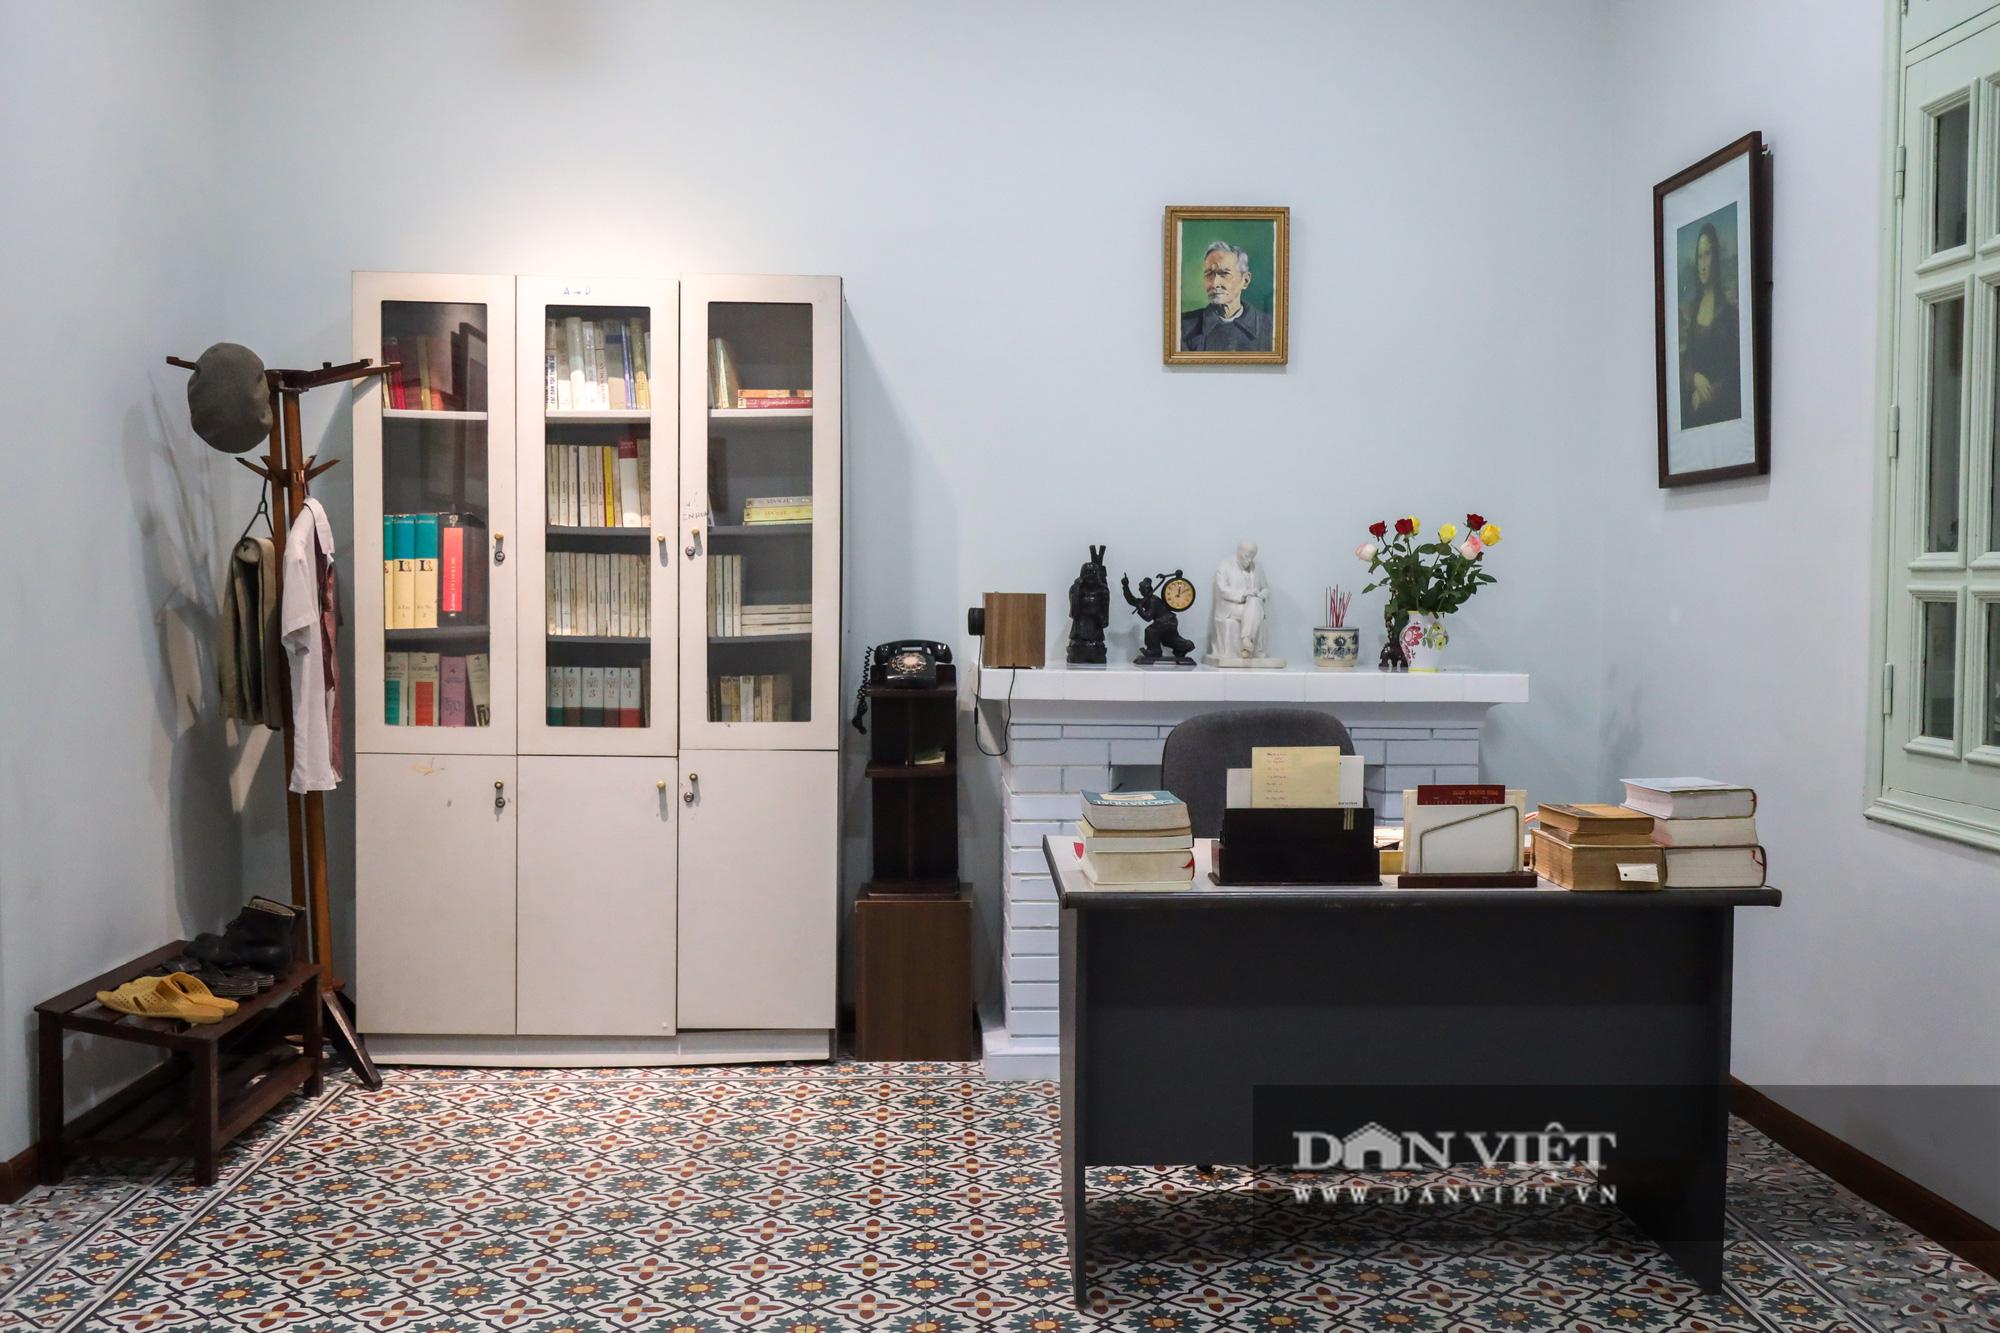 """Chiêm ngưỡng """"bảo tàng thơ"""" Tố Hữu mới xuất hiện tại Hà Nội - Ảnh 11."""